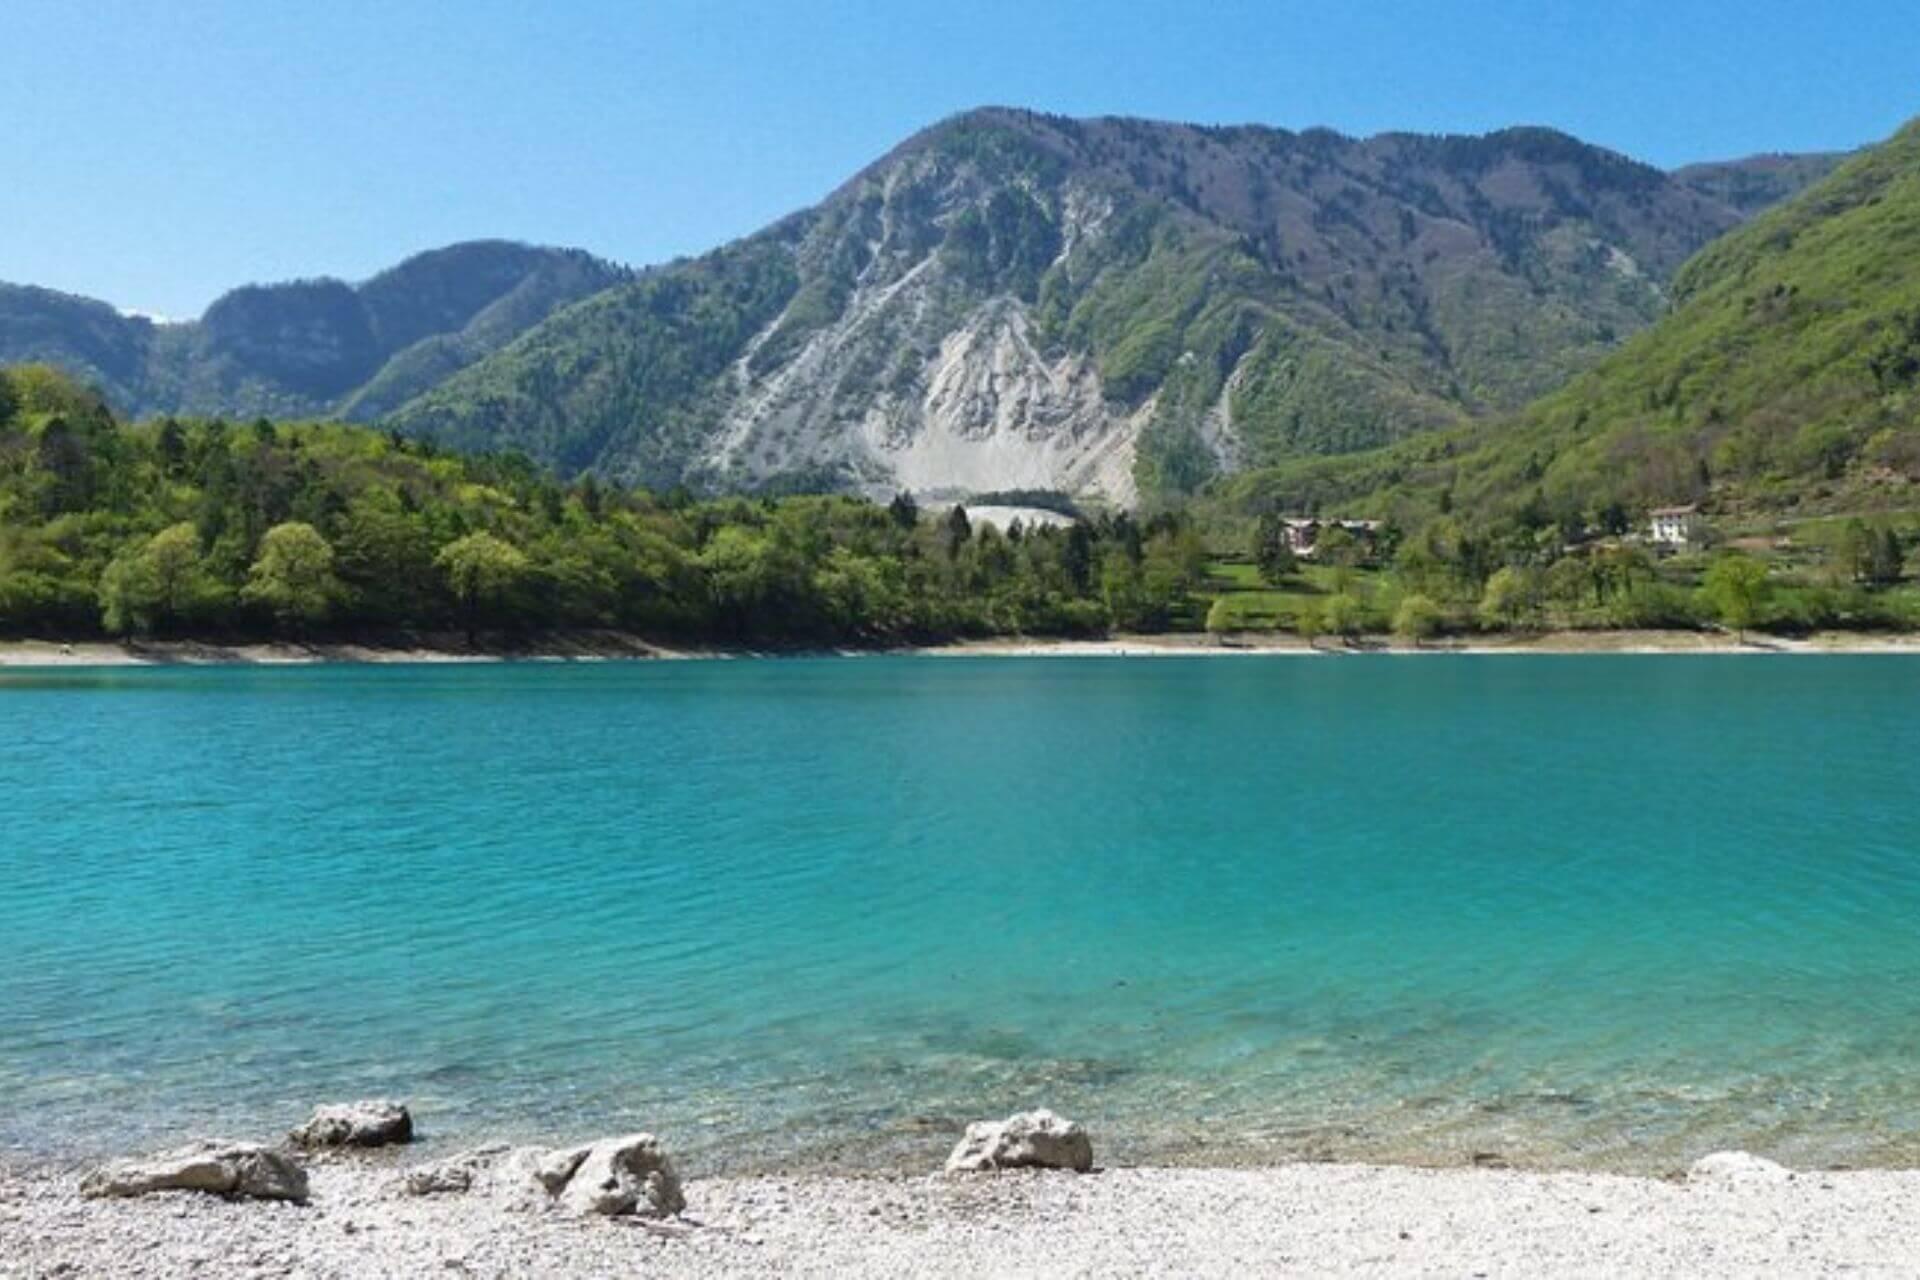 Der Tennosee zählt zu einem der saubersten Süßwasserseen Italiens